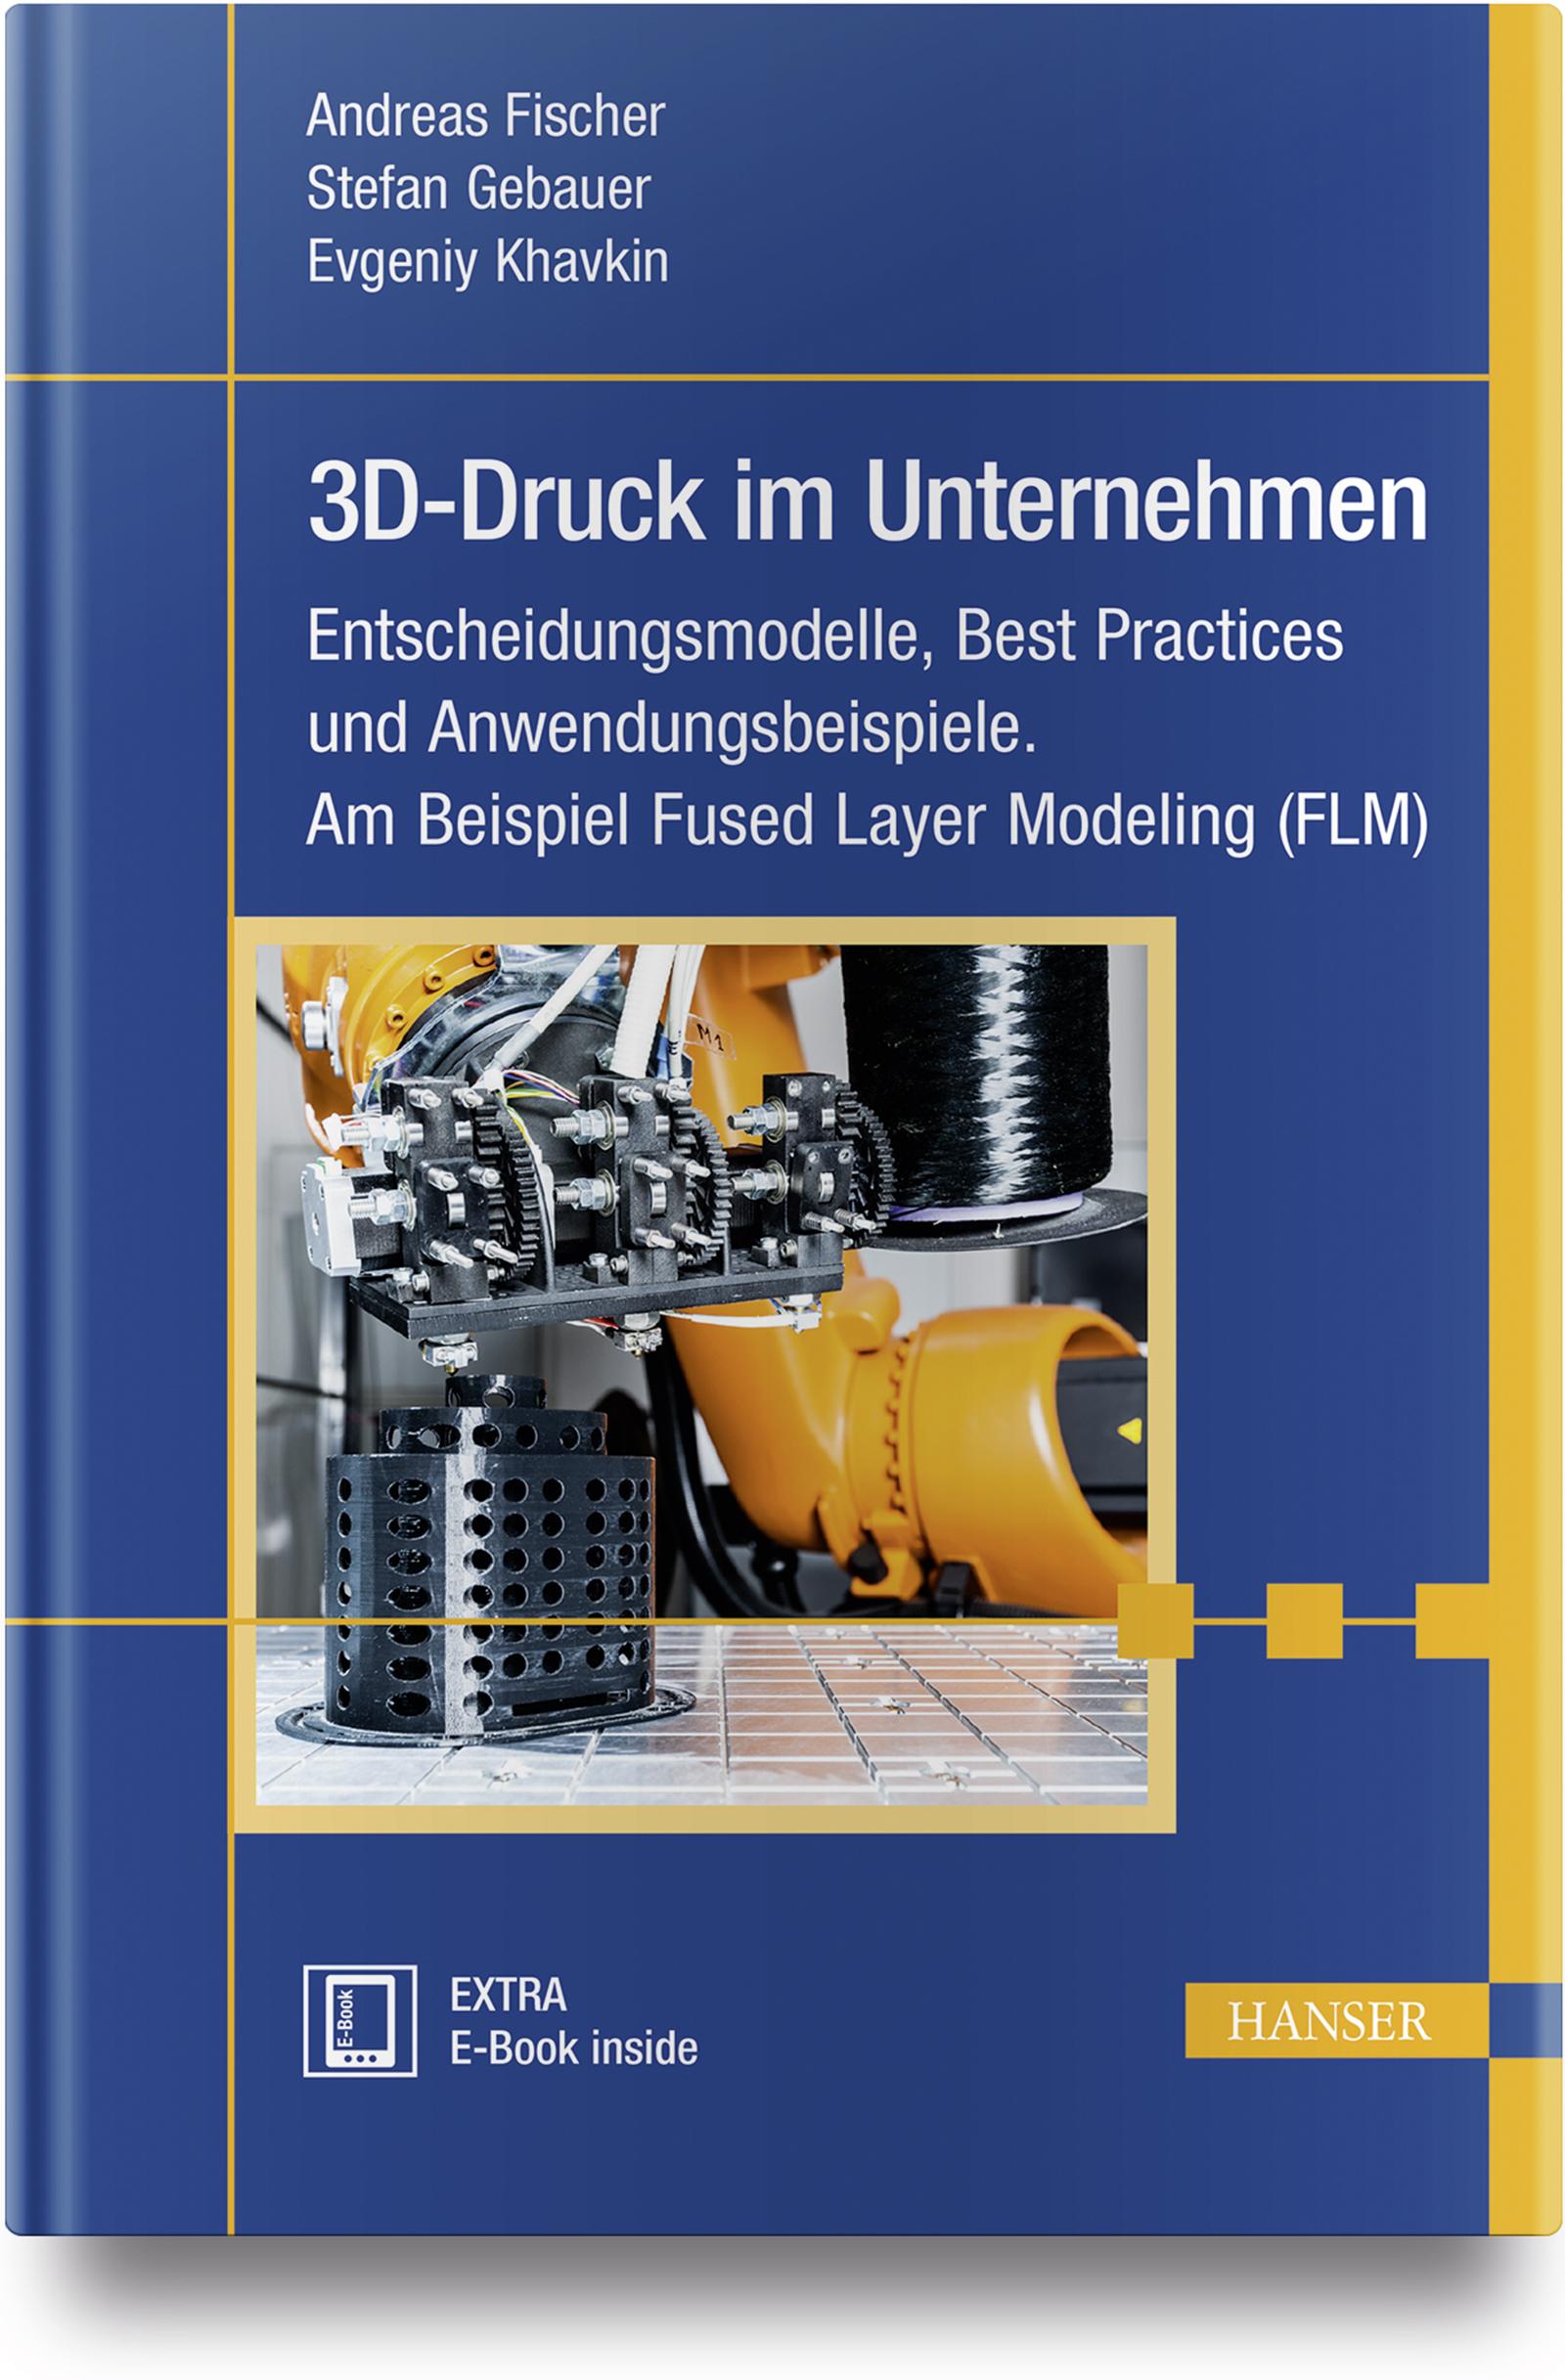 Fischer, Gebauer, Khavkin, 3D-Druck für Unternehmen, 978-3-446-44008-1